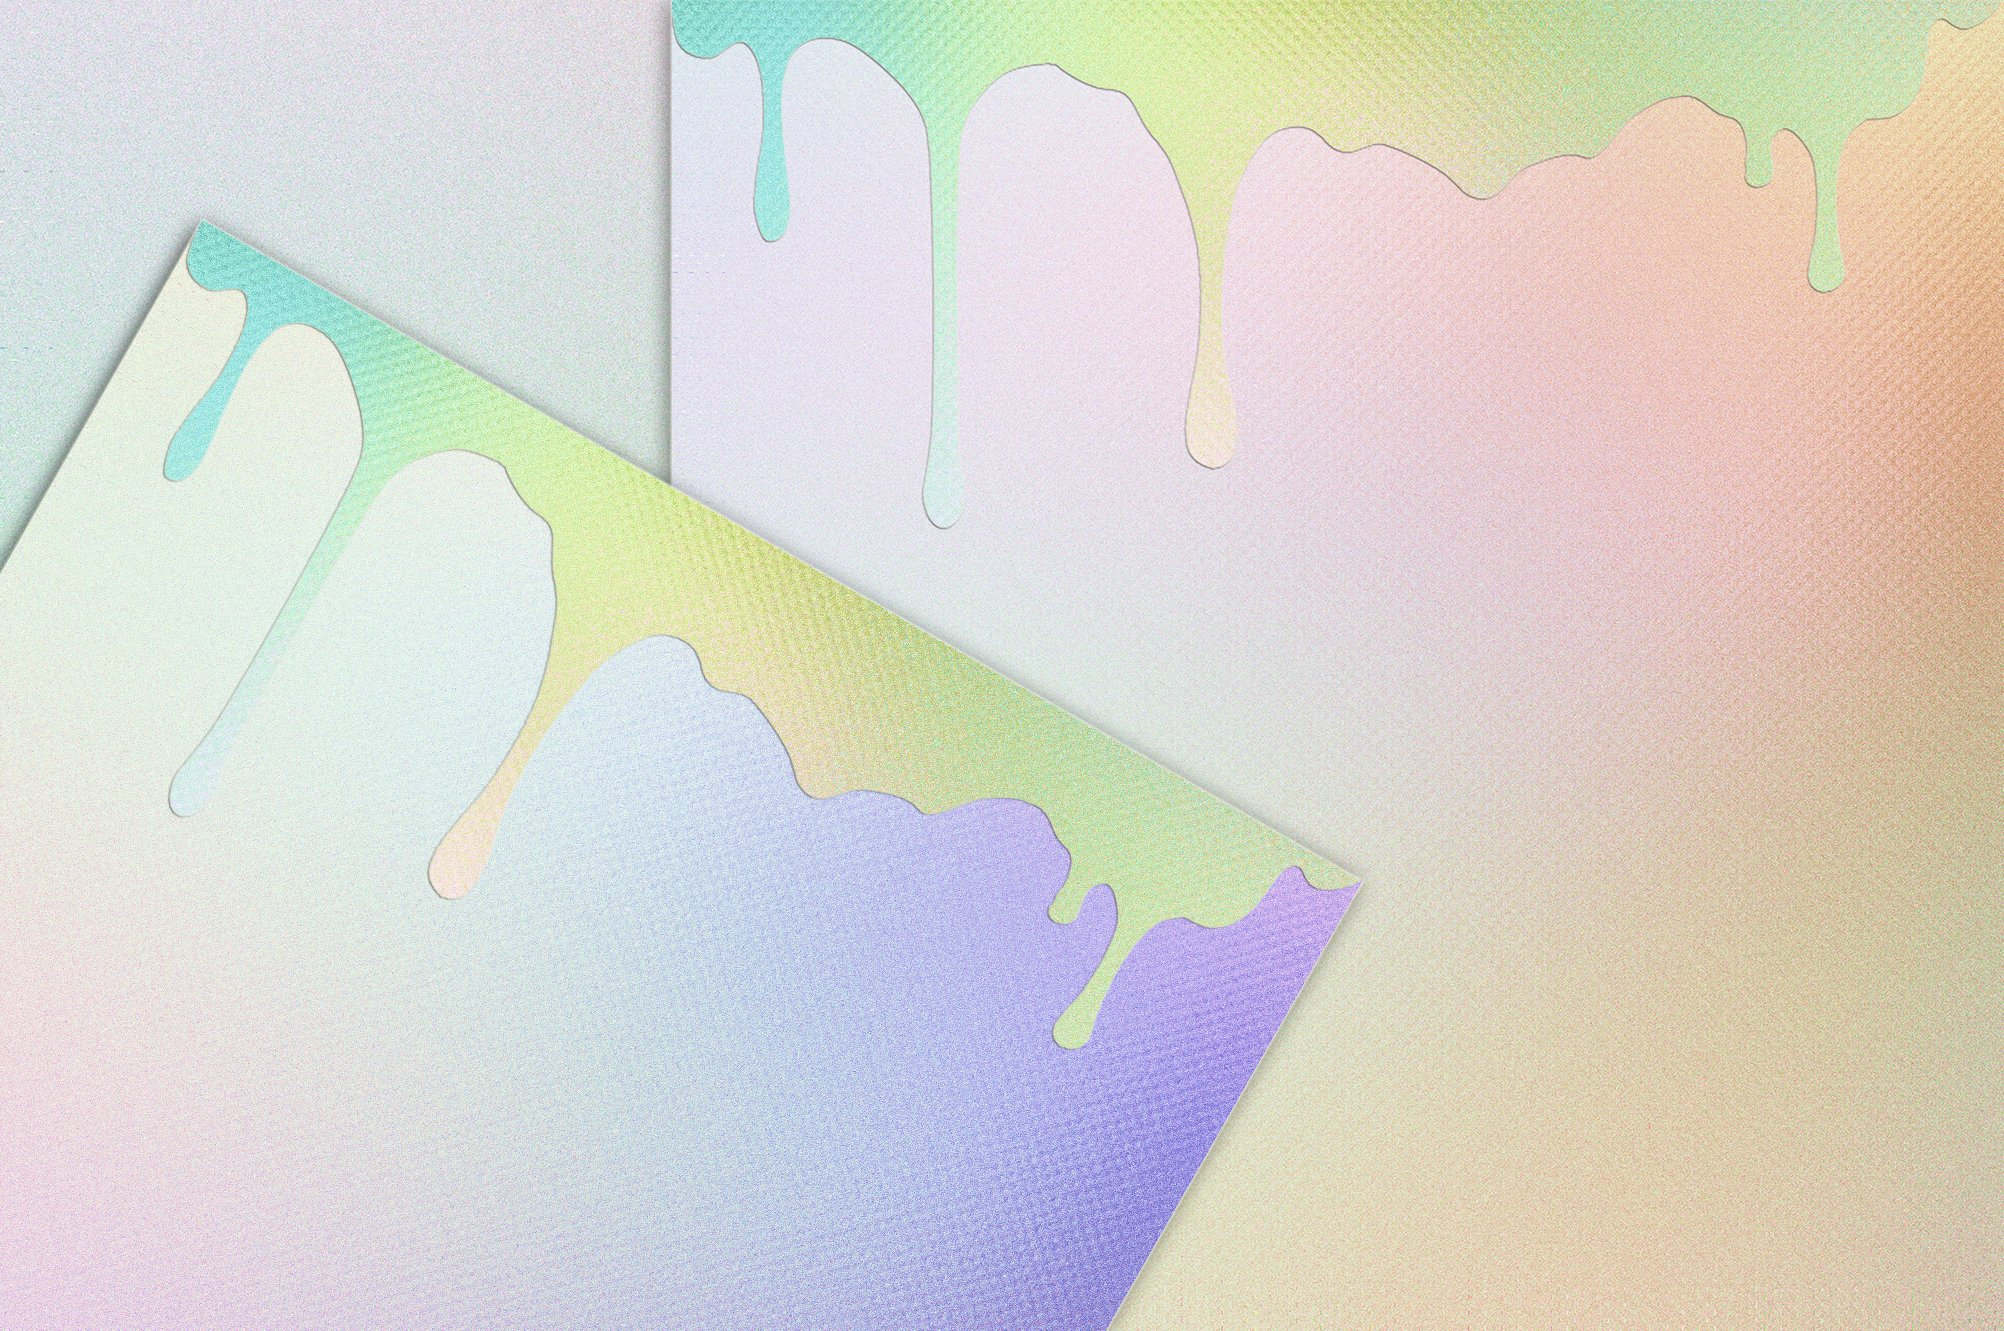 20款高清水滴虹彩海报设计背景纹理图片素材 Dripping Iridescent Textures插图1